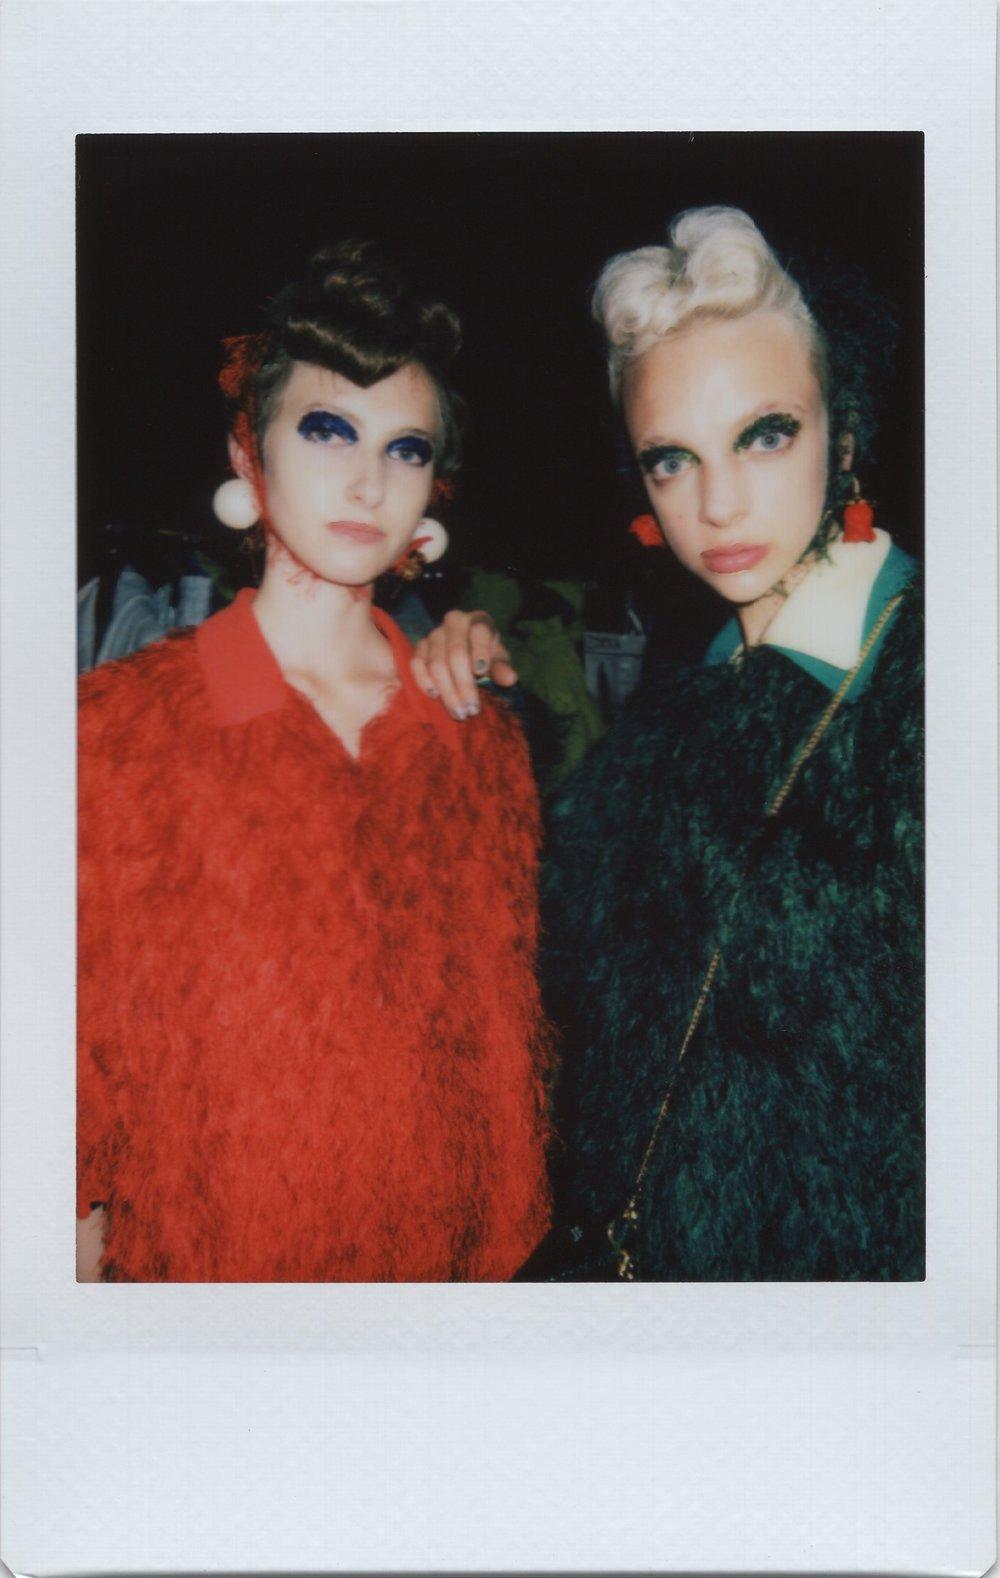 Undercover_Honigschreck_Backstage_Polaroid_7.jpg